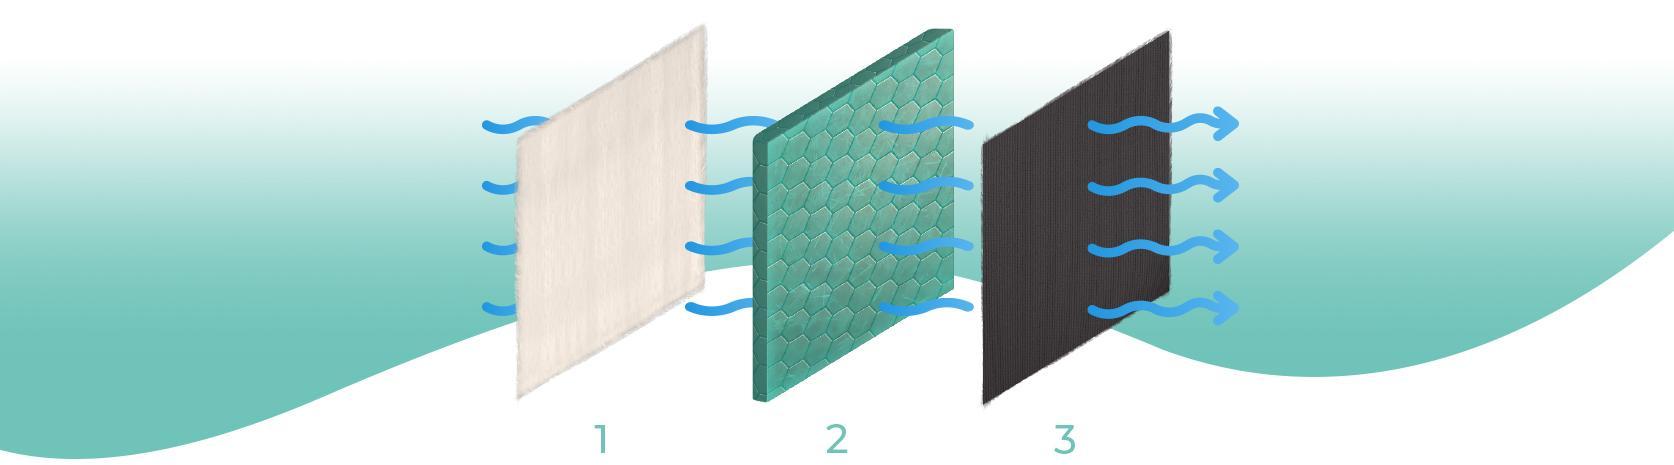 3-layer-system-4.jpg